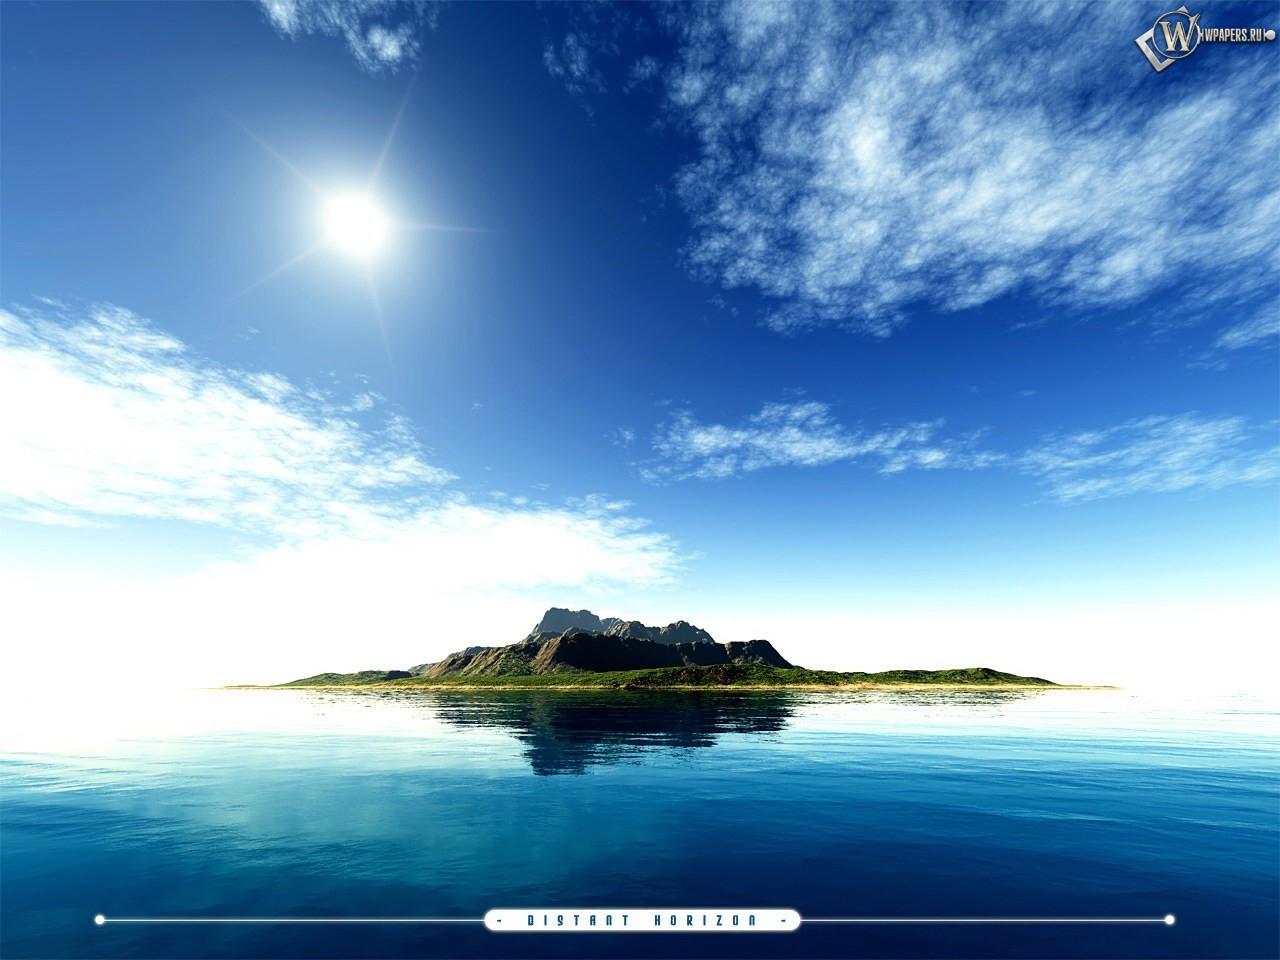 Distant Horizon 1280x960